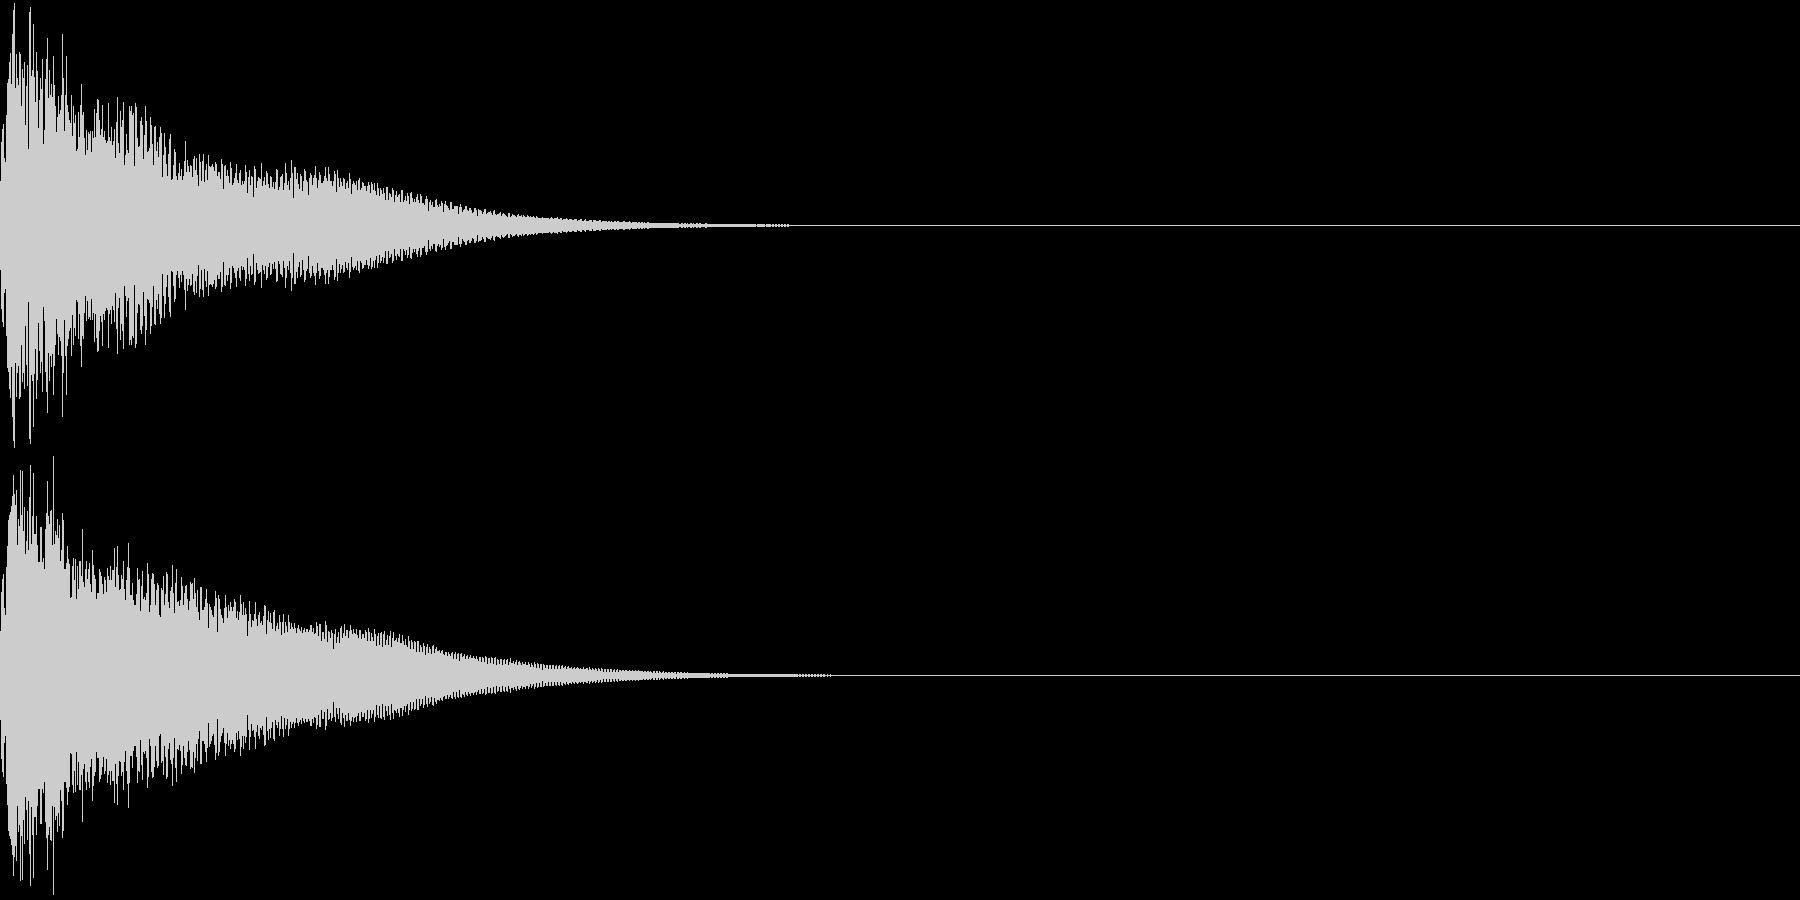 光る  輝く  キュピーン  キラーンDの未再生の波形